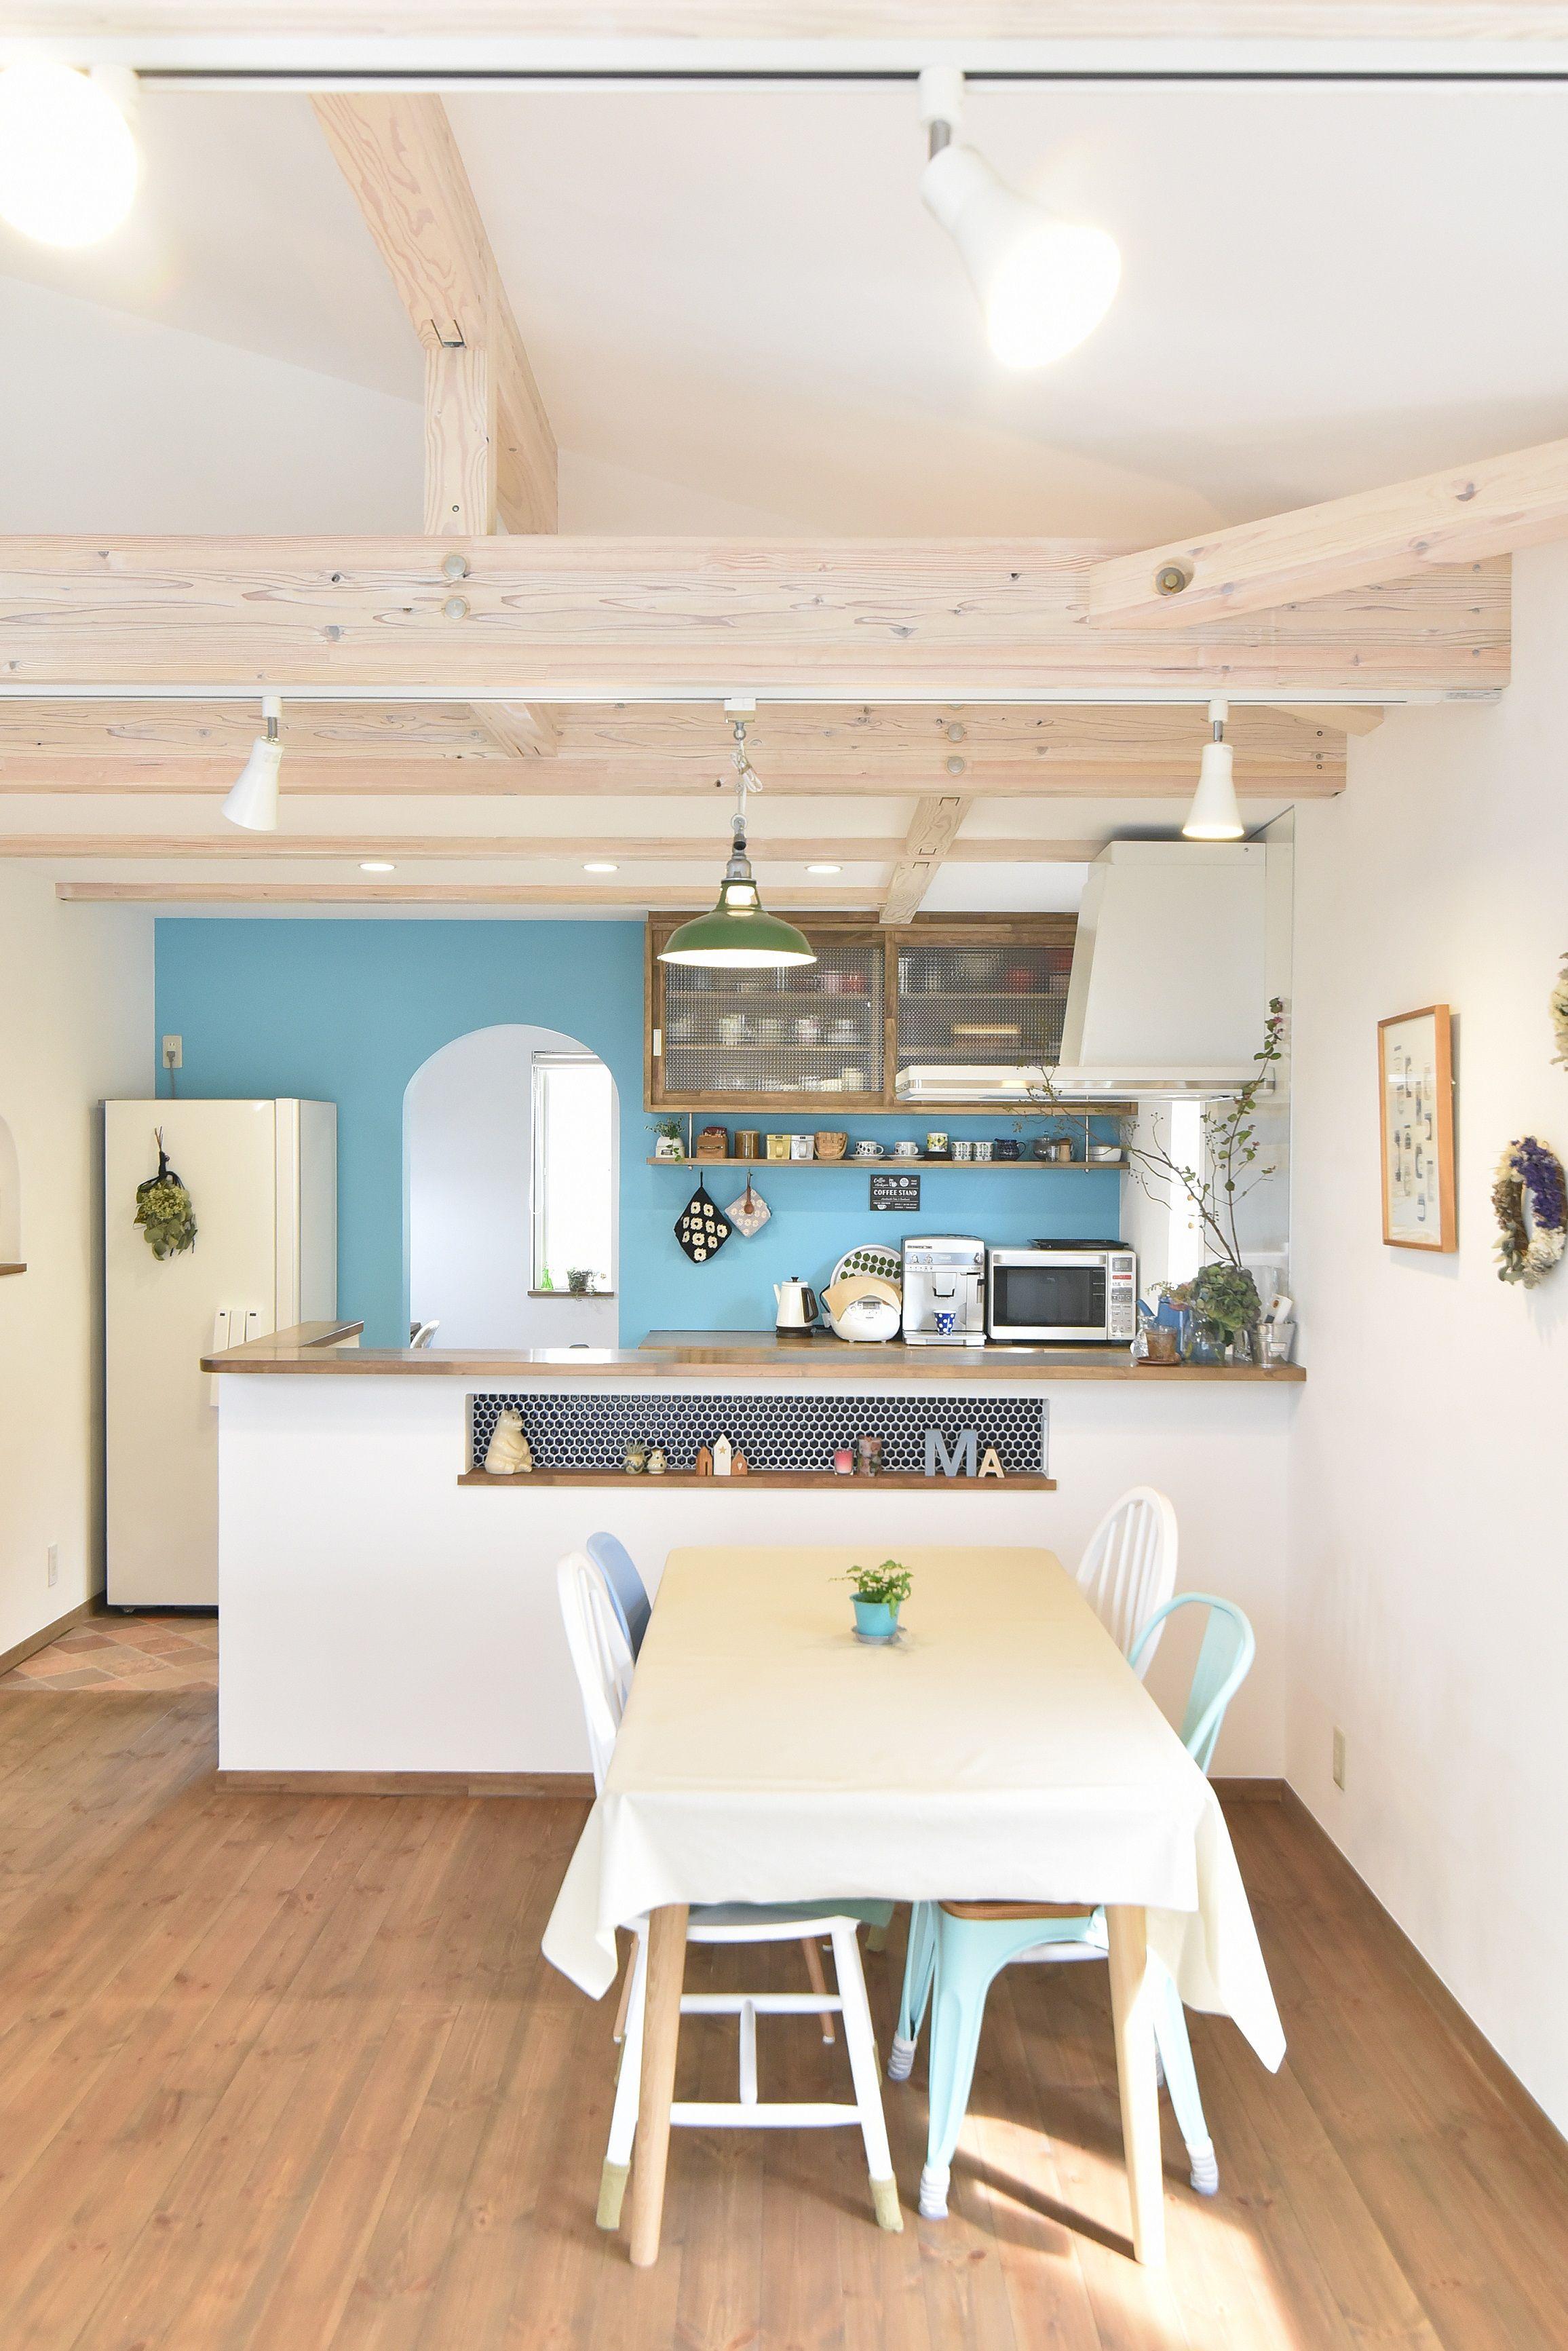 ダイニング・キッチン・アーチ垂れ壁・パントリー|インテリア実例 #BinO #WAVE